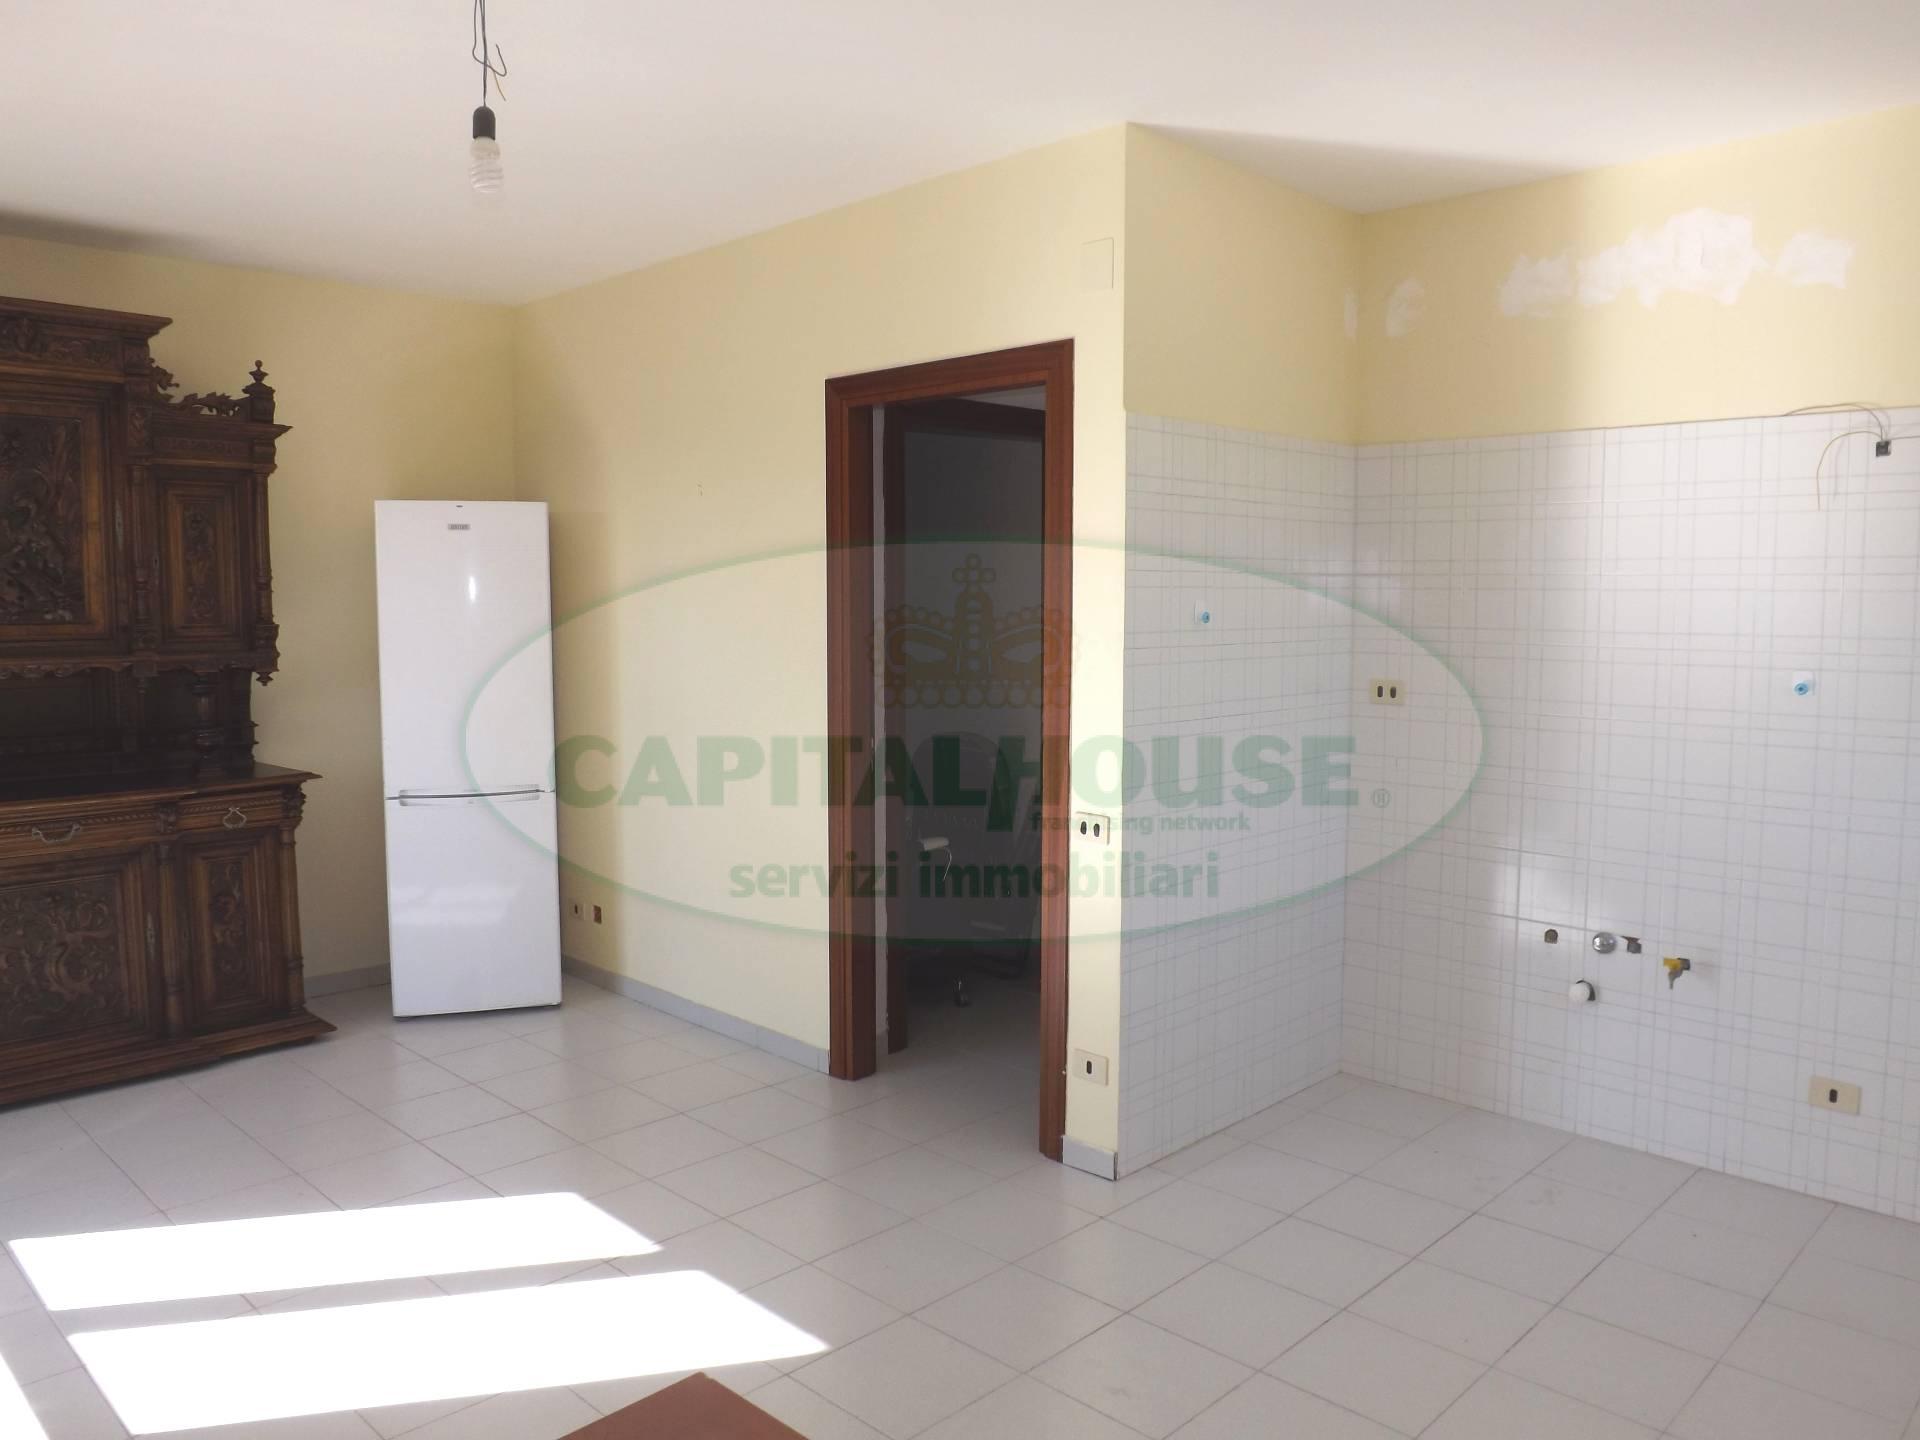 Appartamento in vendita a Tufo, 3 locali, prezzo € 35.000 | Cambio Casa.it